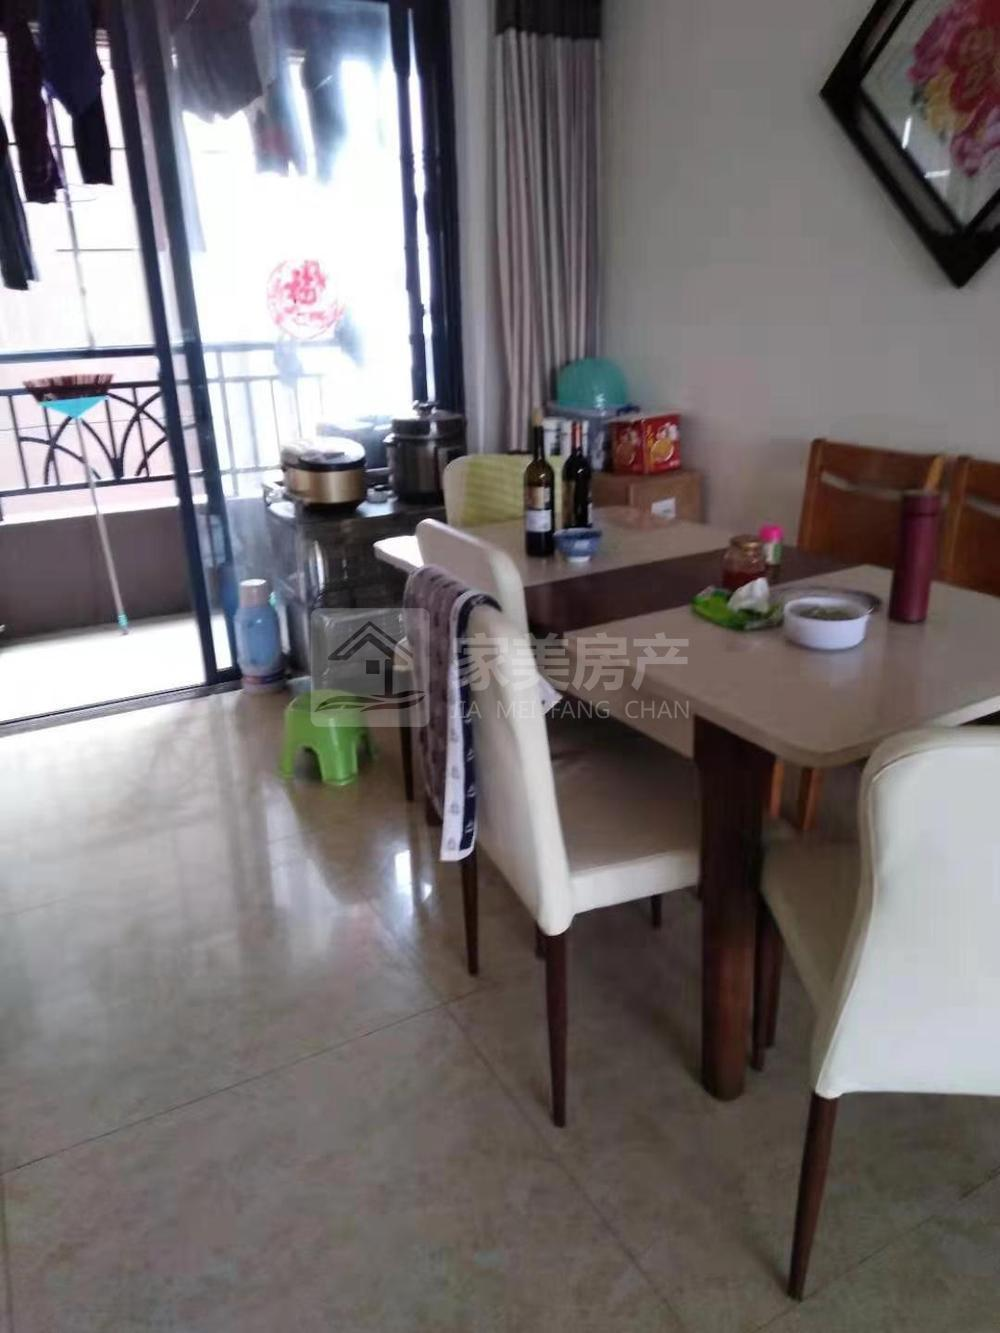 出租美的 西海岸4室2厅2卫126平米2800元/月住宅